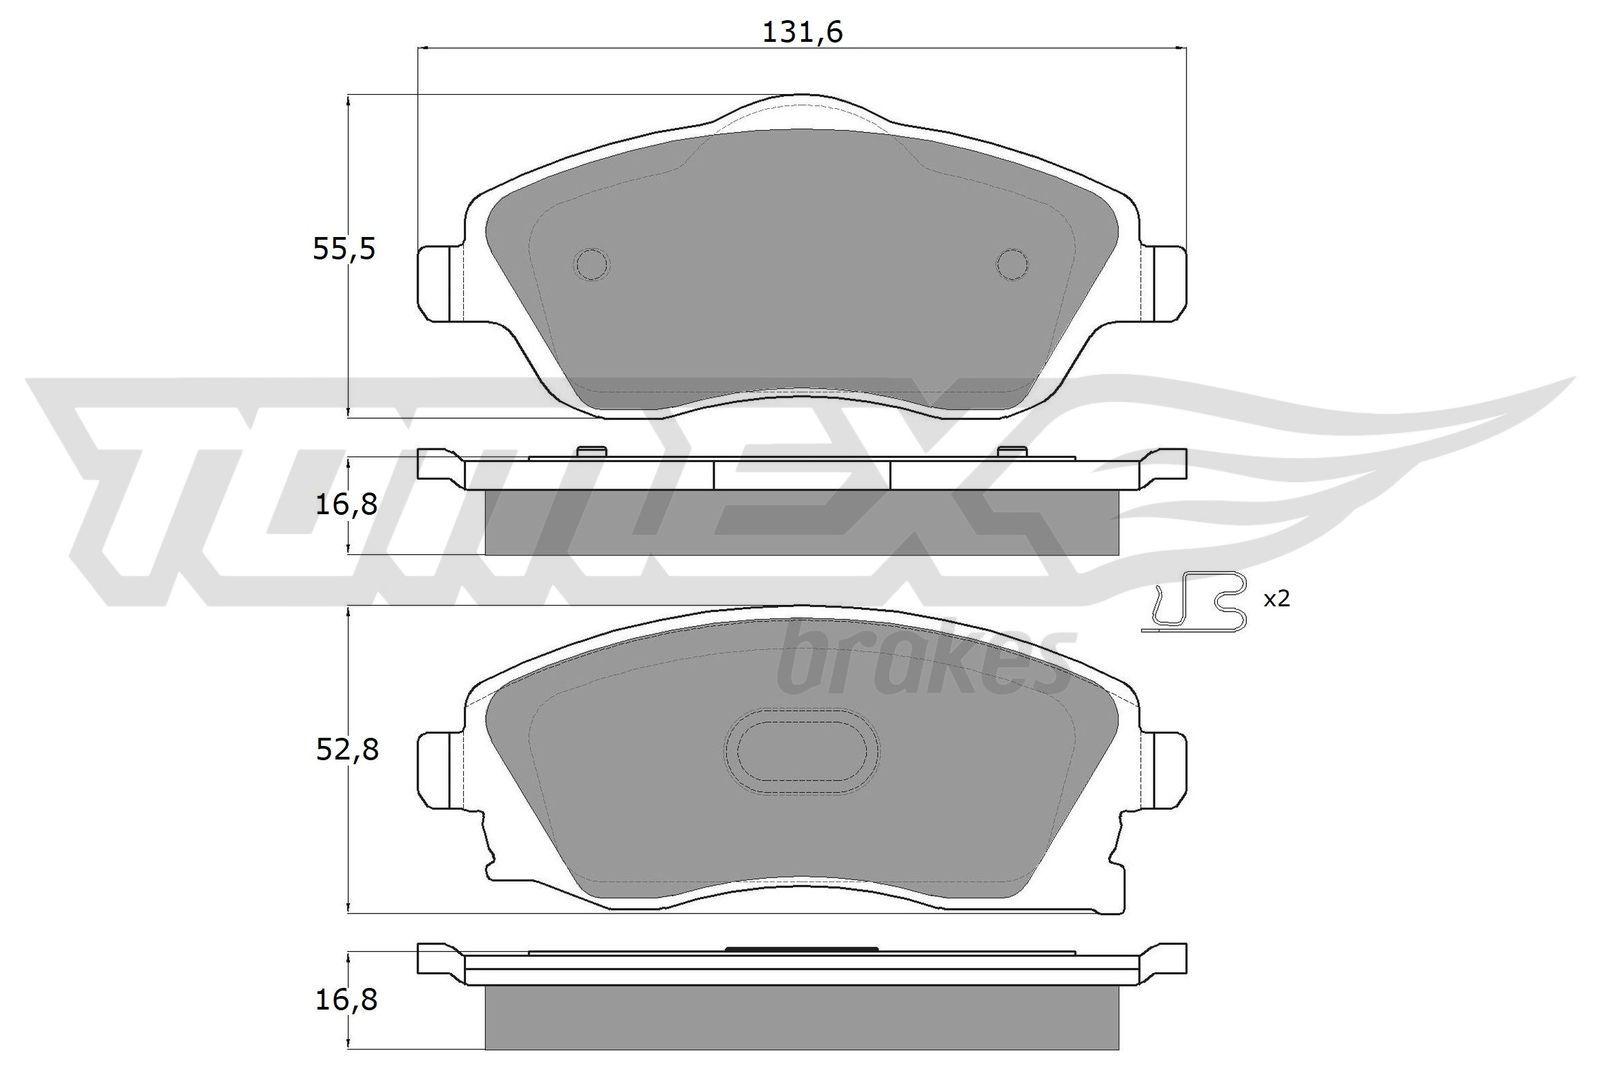 Bremsbeläge TX 12-19 TOMEX brakes 23226 in Original Qualität